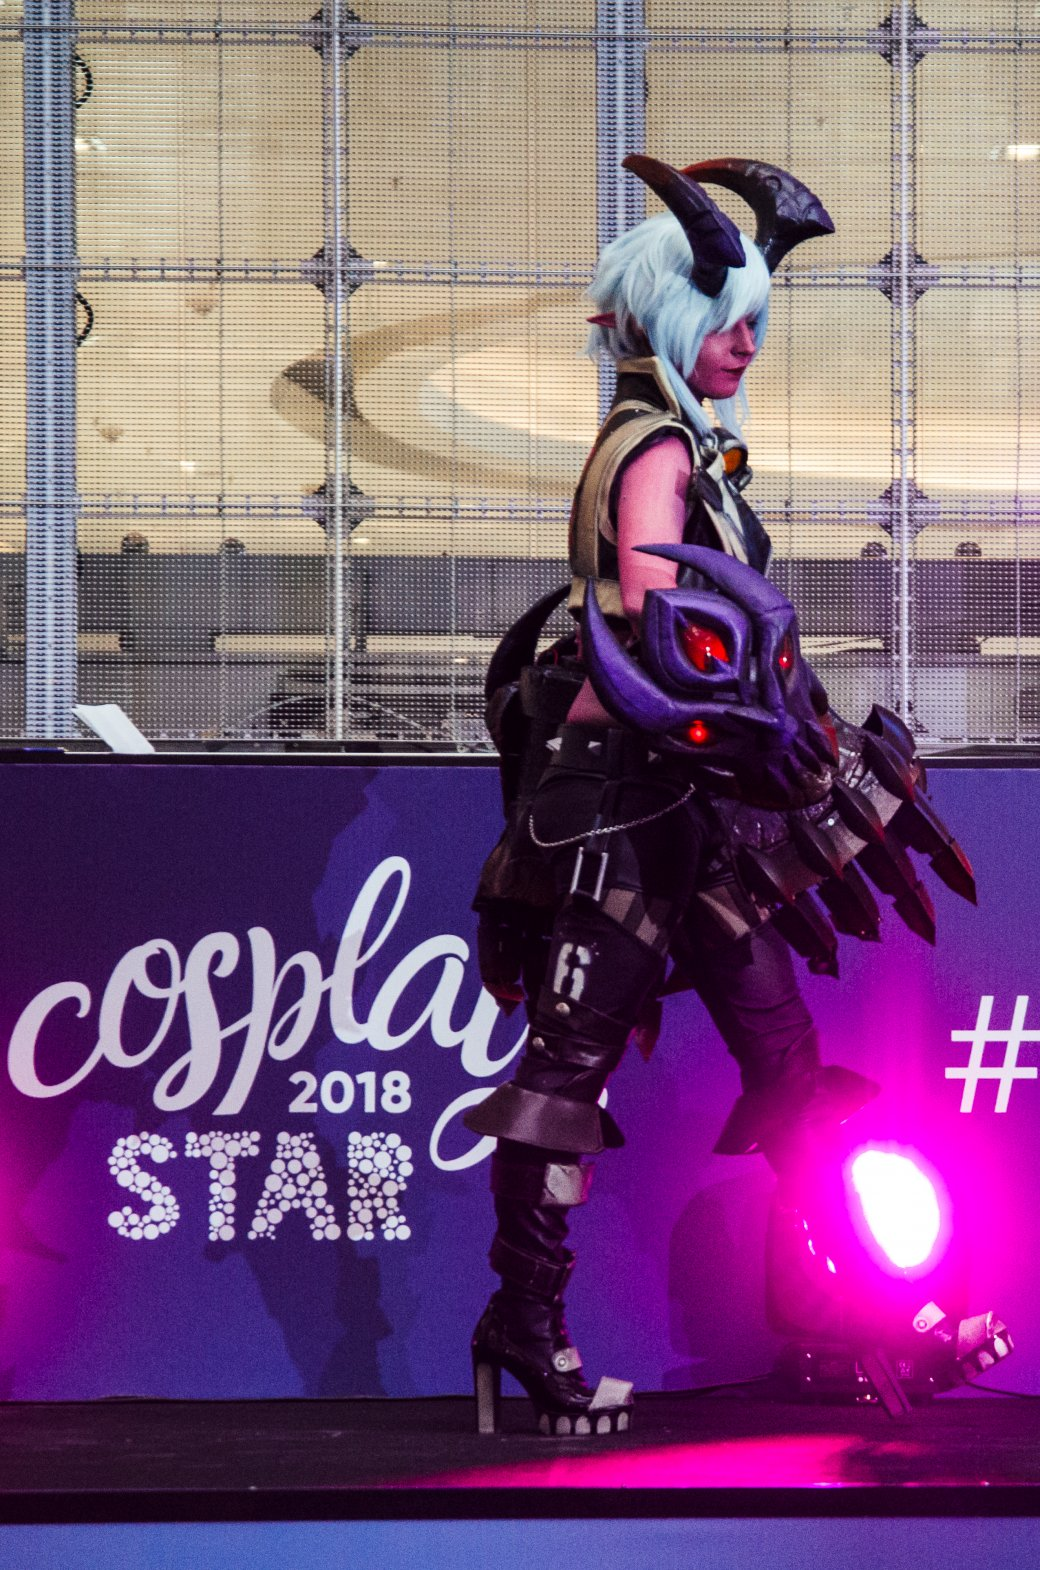 Лучший косплей сфестиваля Cosplay Star 2018: Пеннивайз, Джон Сноу, Роковая вдова идругие. - Изображение 103